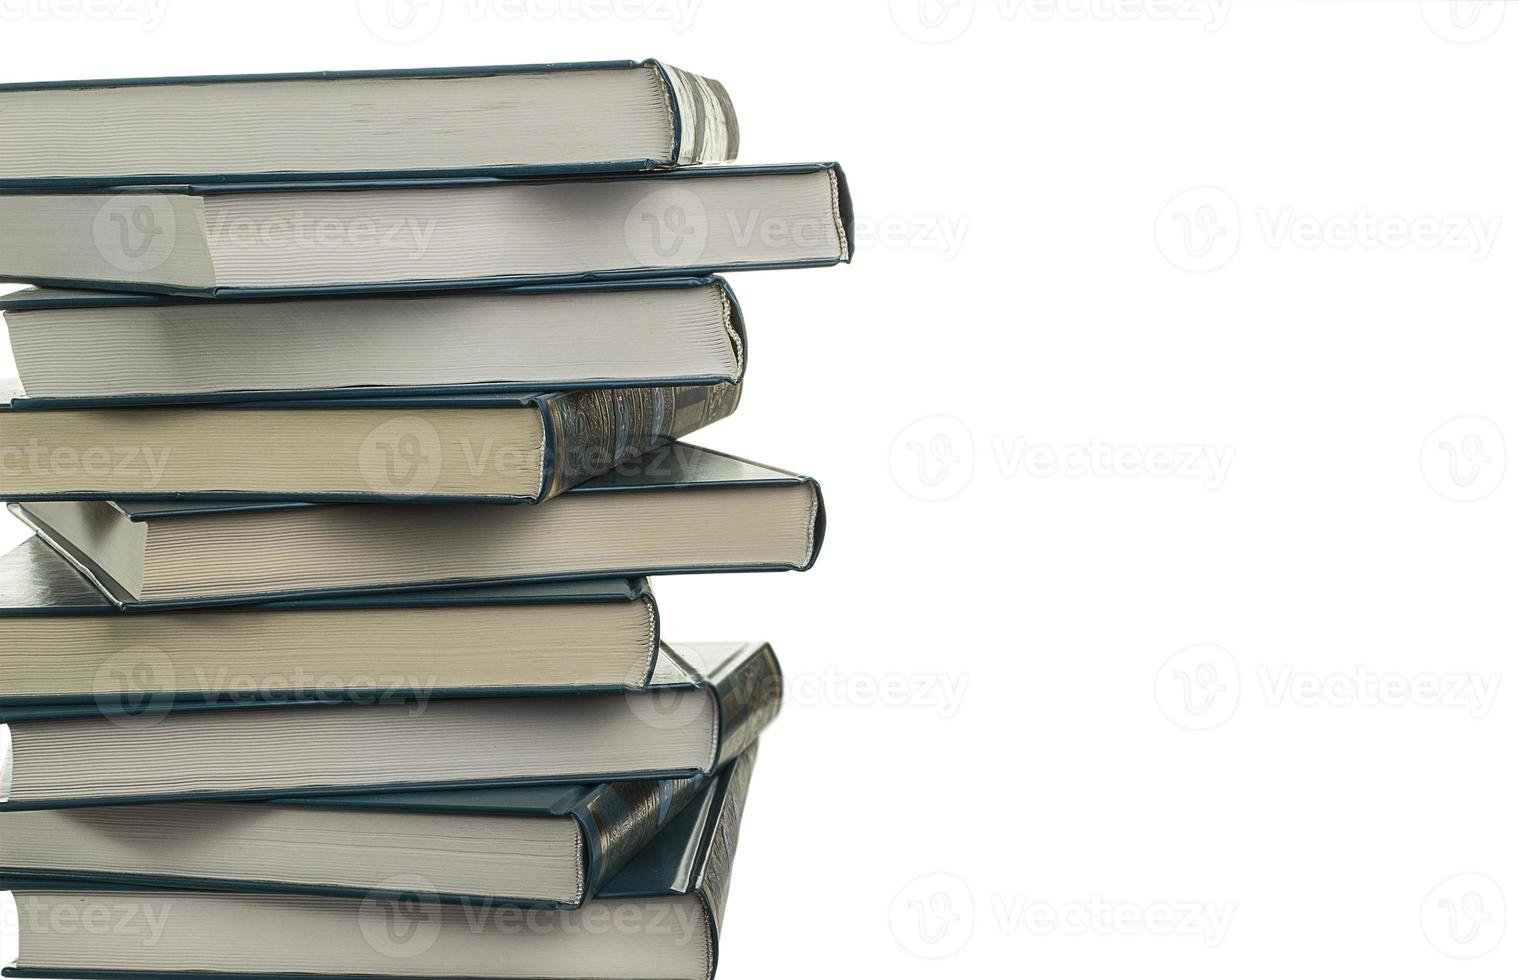 stapel nieuwe boeken vergelijkbaar foto